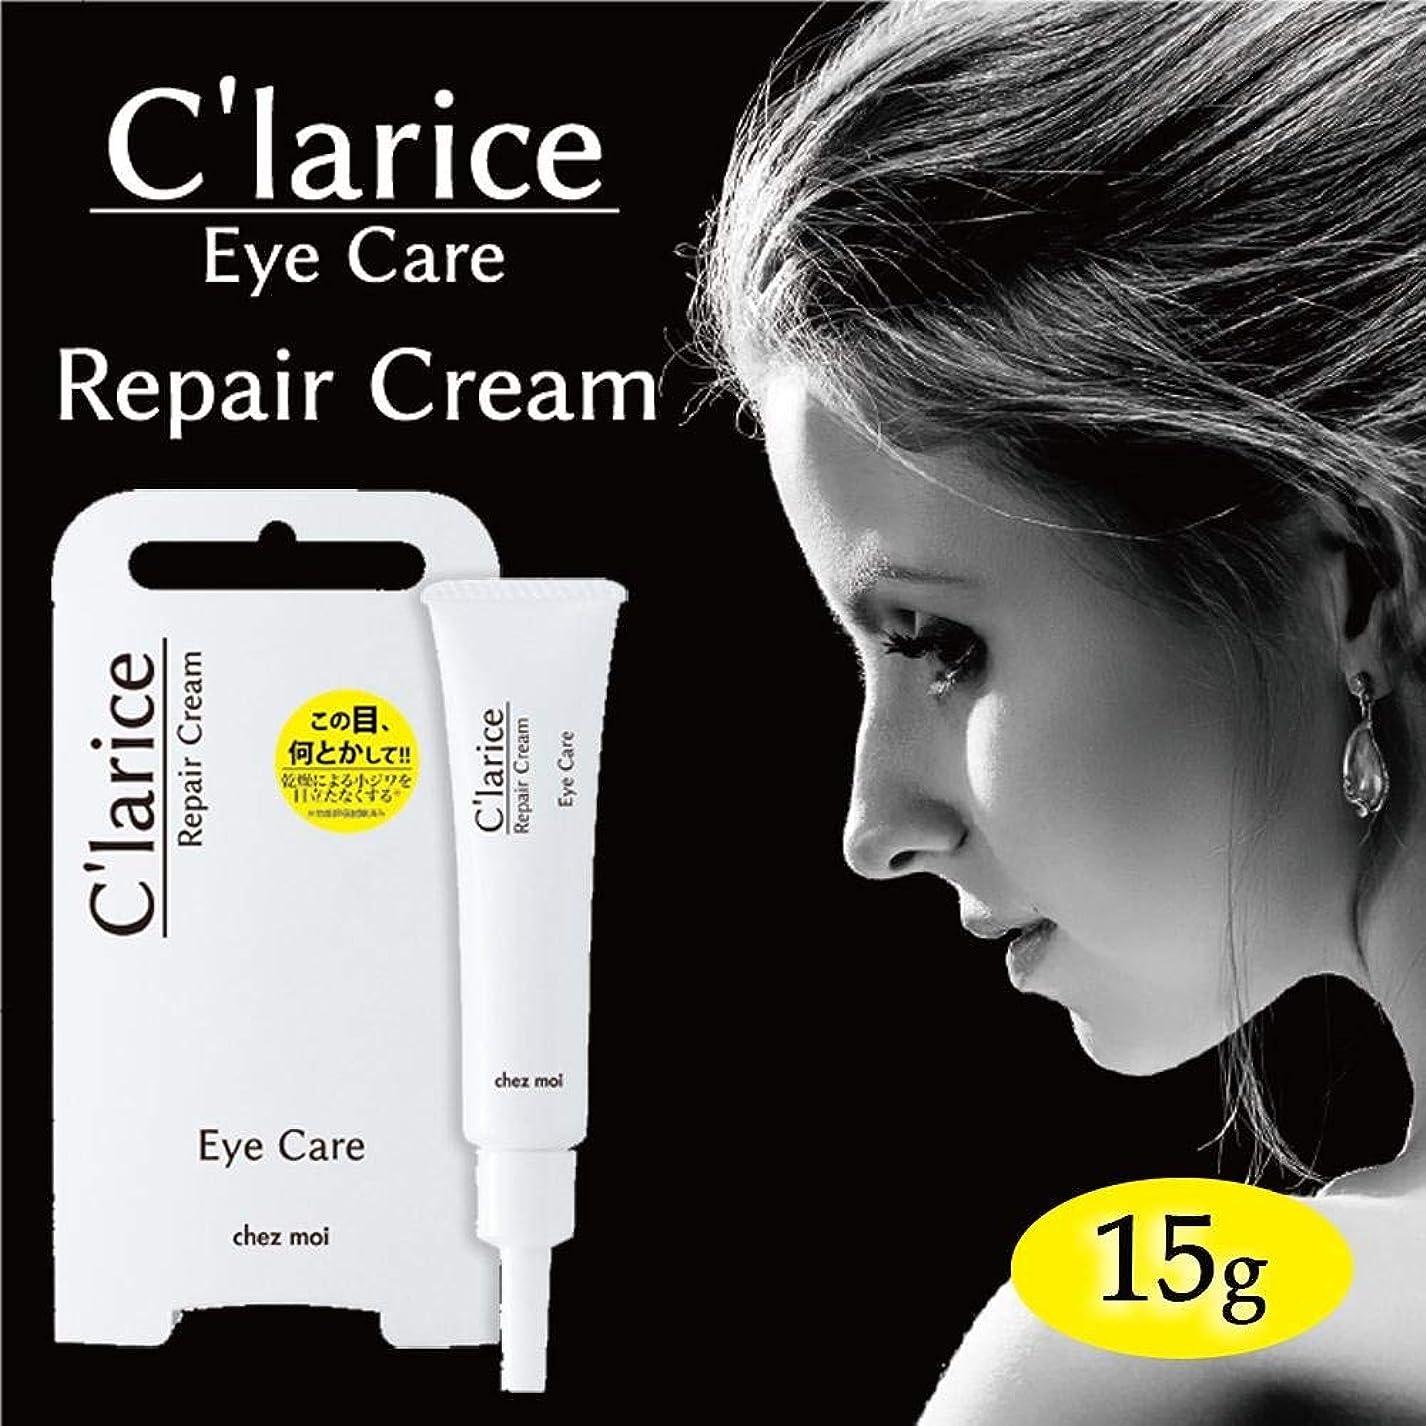 火星安価なきらめきC'larice(クラリス) Eye Care ‐Repair Cream‐(リペアクリーム) 15g